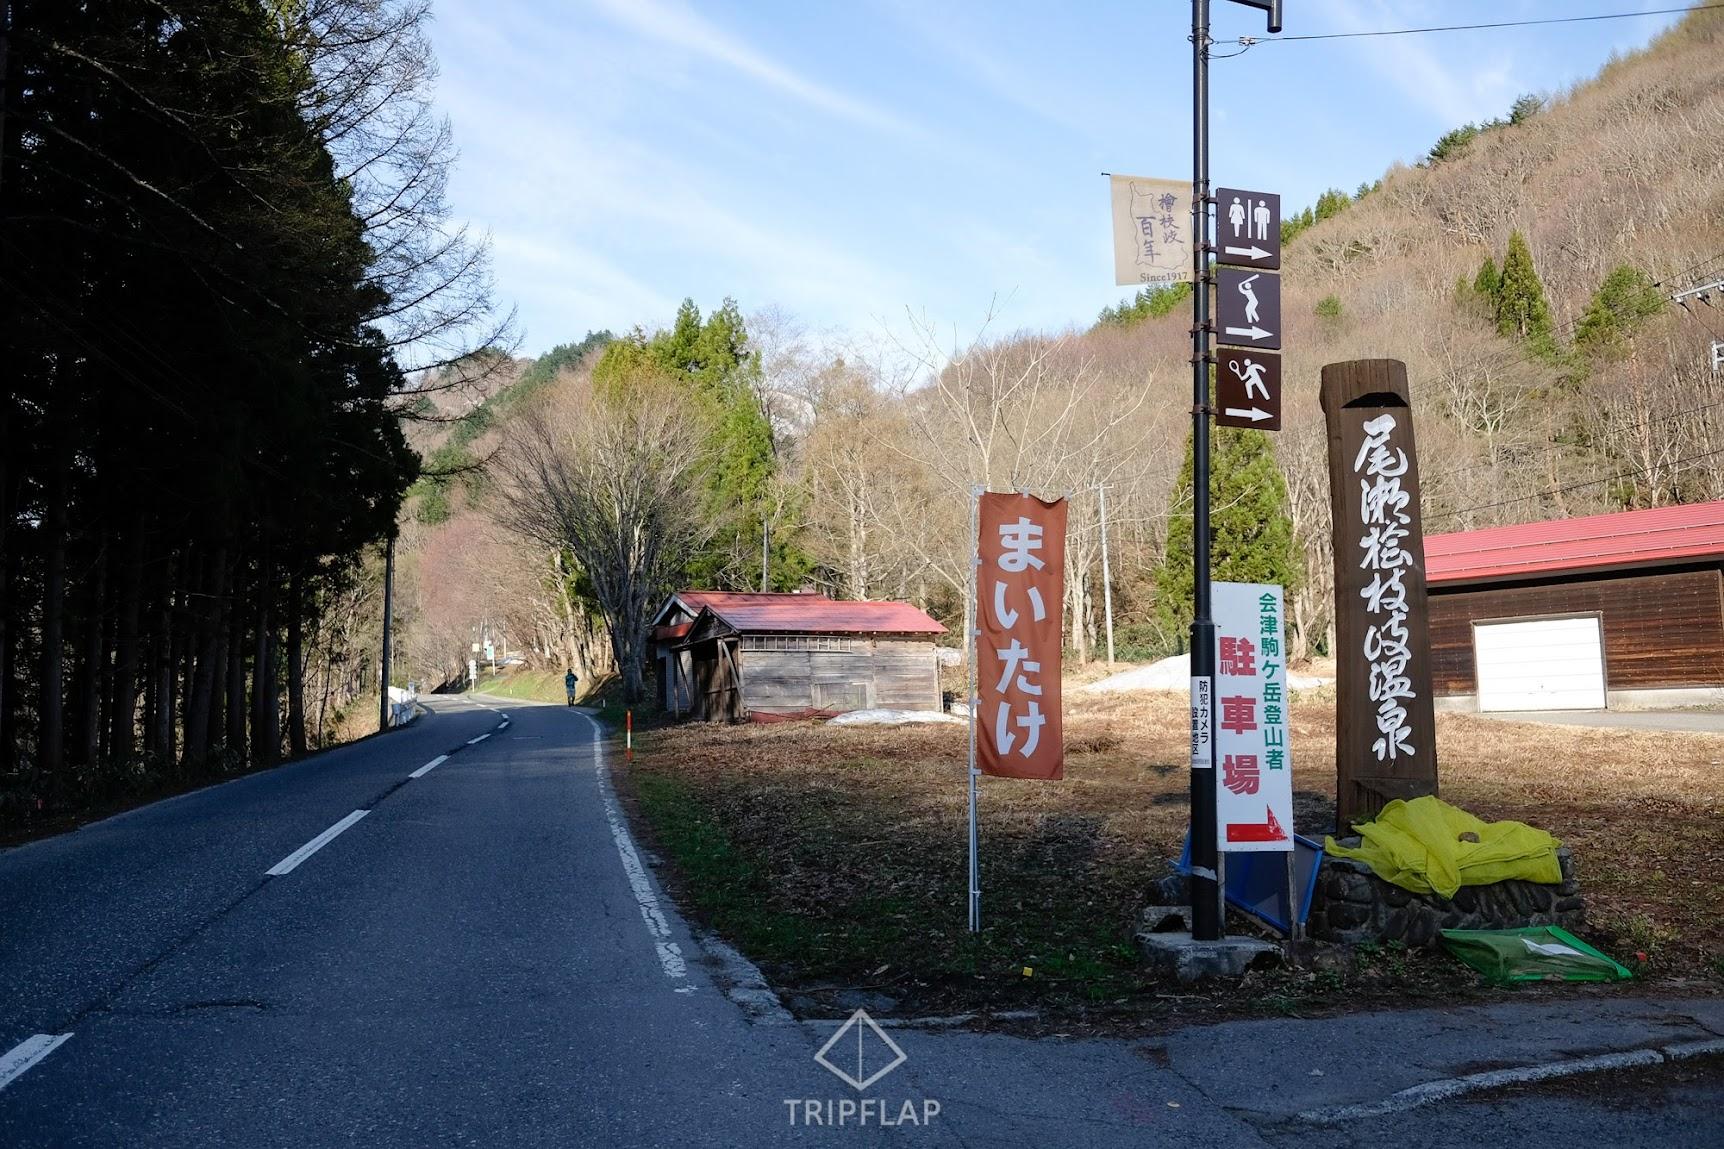 会津駒ヶ岳登山者用駐車場入り口